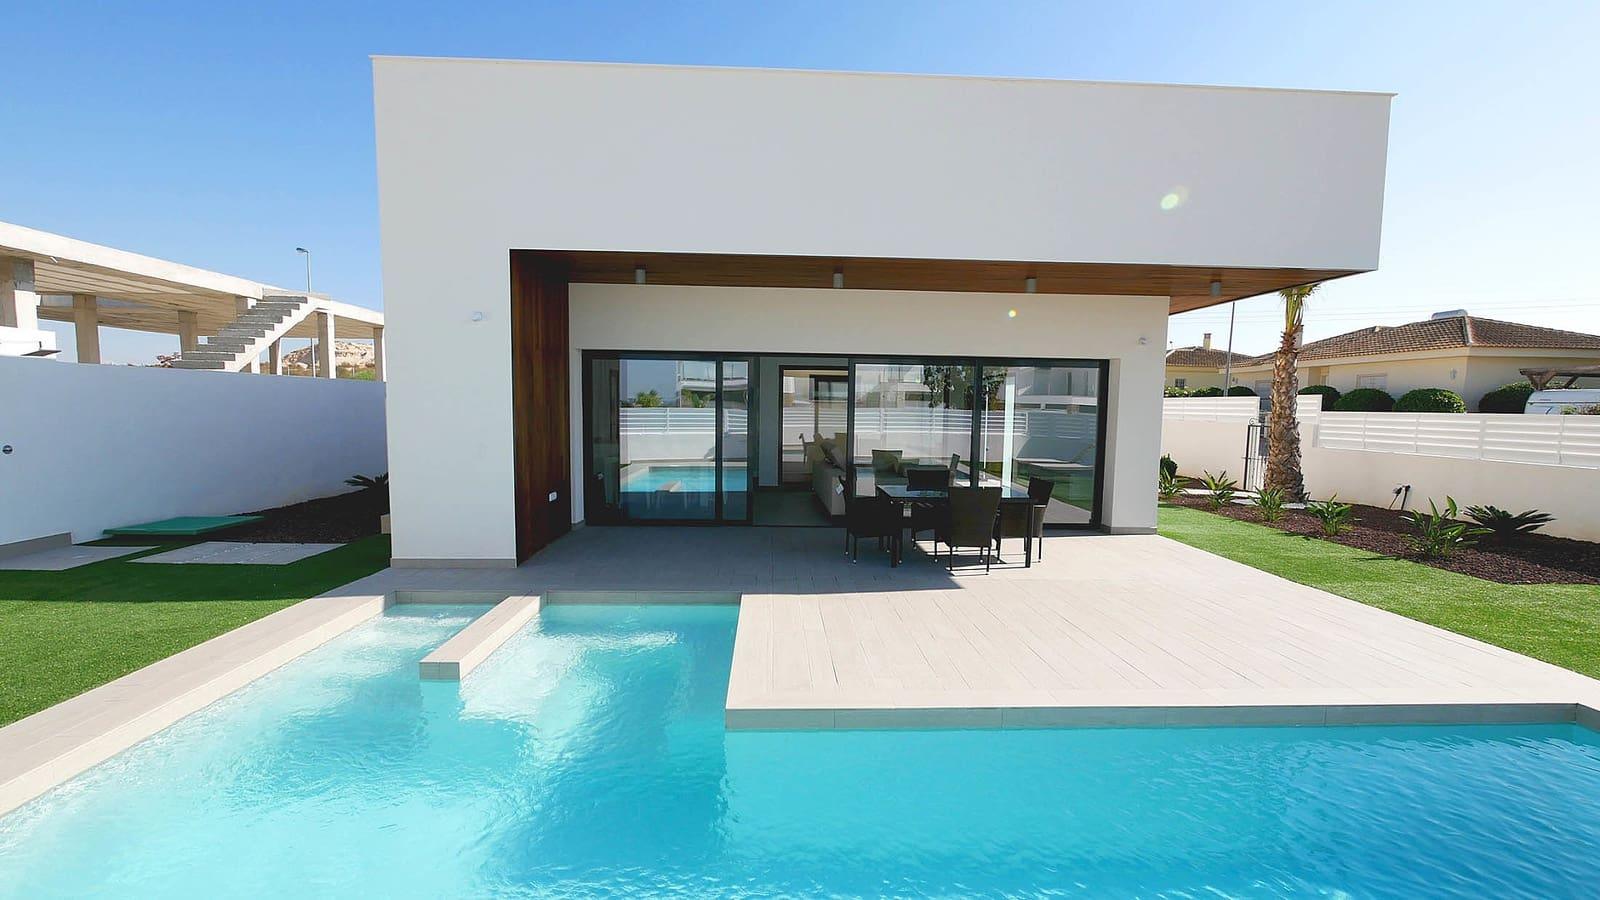 Chalet de 3 habitaciones en Benijófar en venta - 519.000 € (Ref: 4705329)